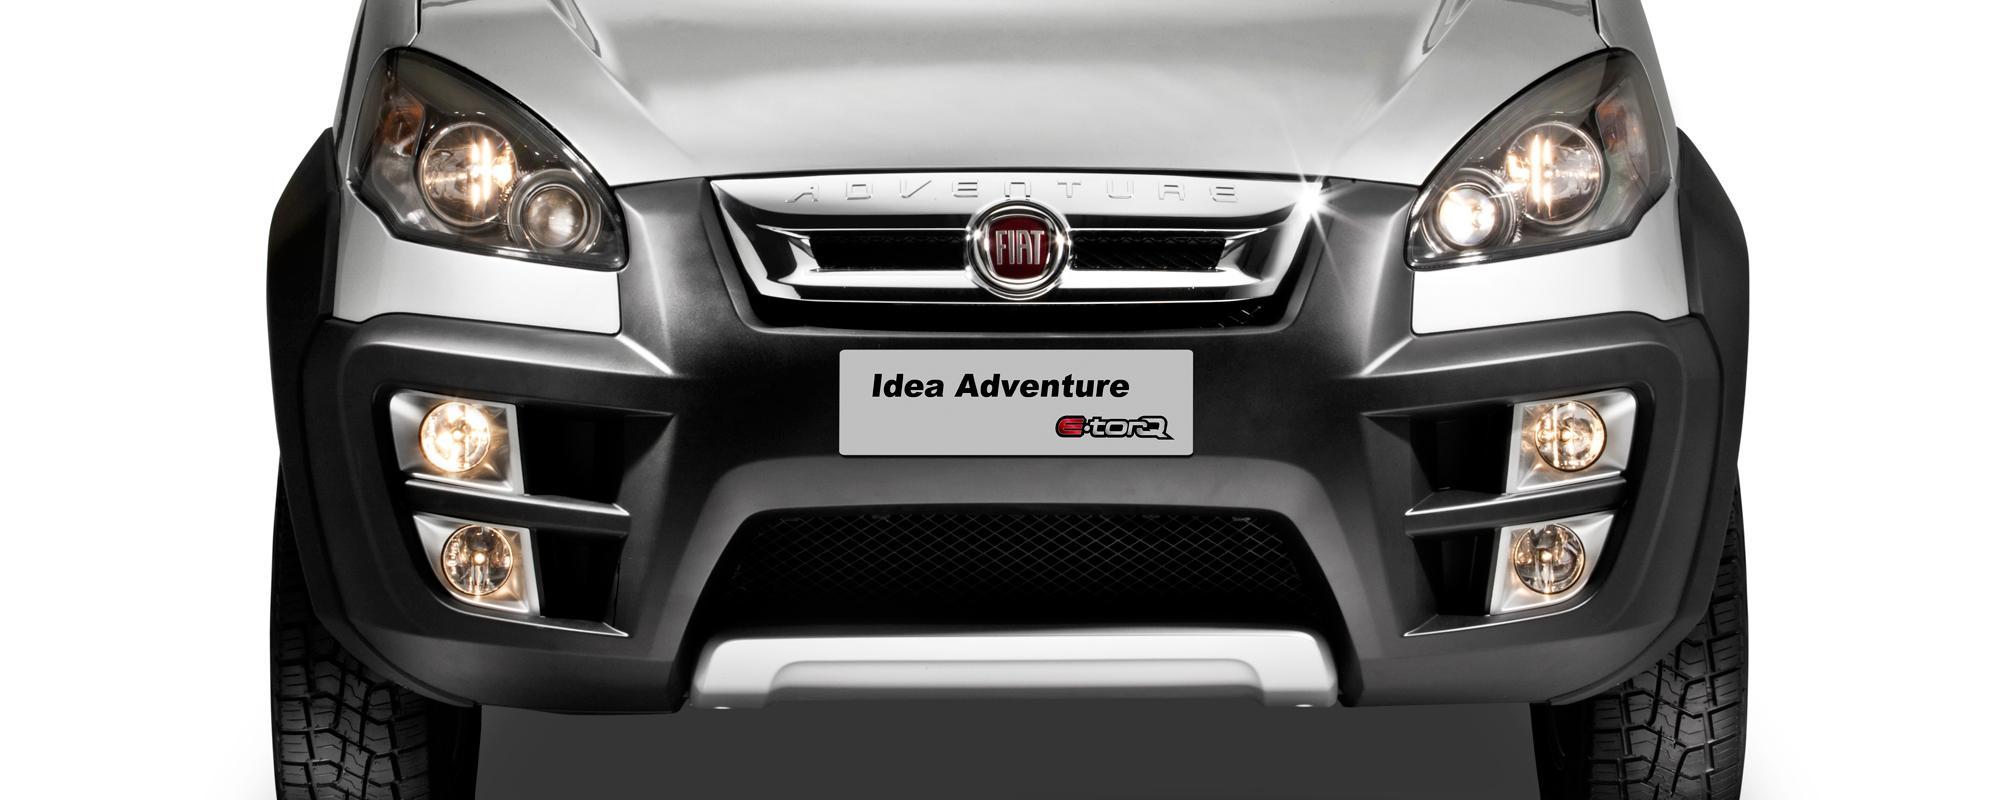 Novo fiat idea 2017 pre o ficha t cnica avalia o for Fiat idea 2016 precio